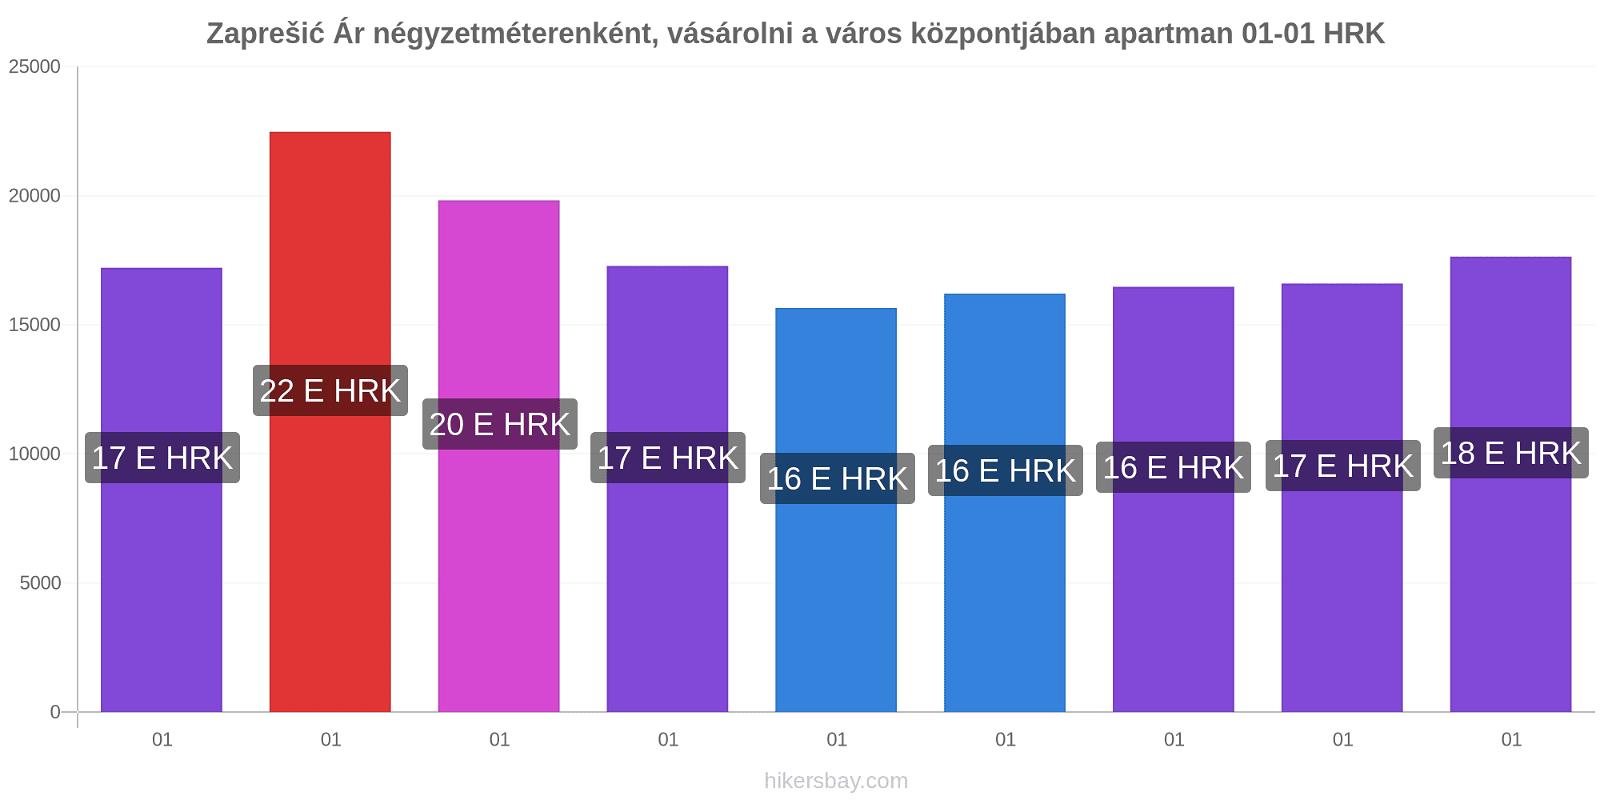 Zaprešić árváltozások Ár négyzetméterenként, vásárolni a város központjában apartman hikersbay.com